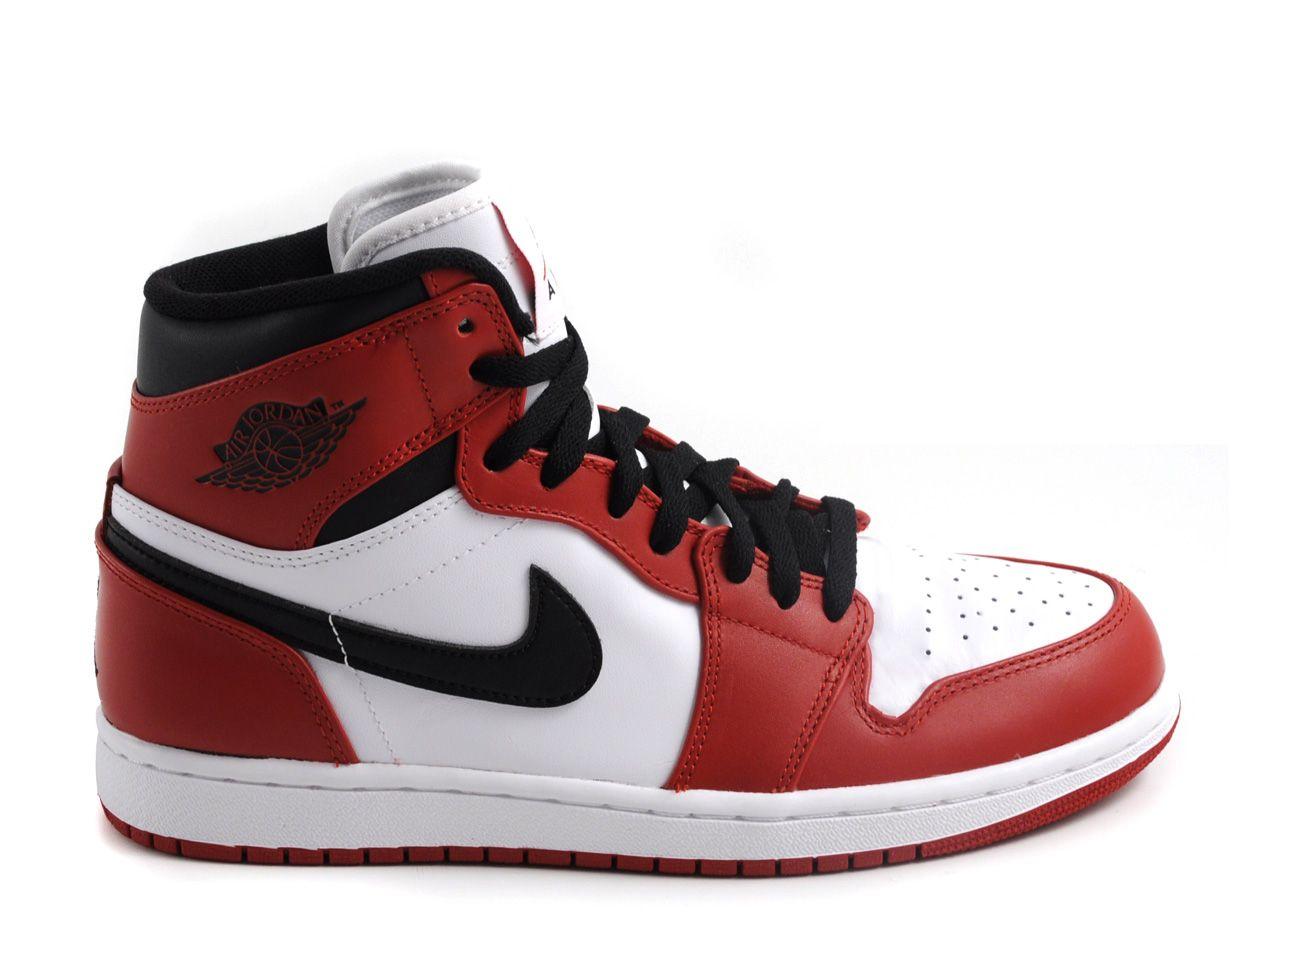 Air Nike Jordan Rouge